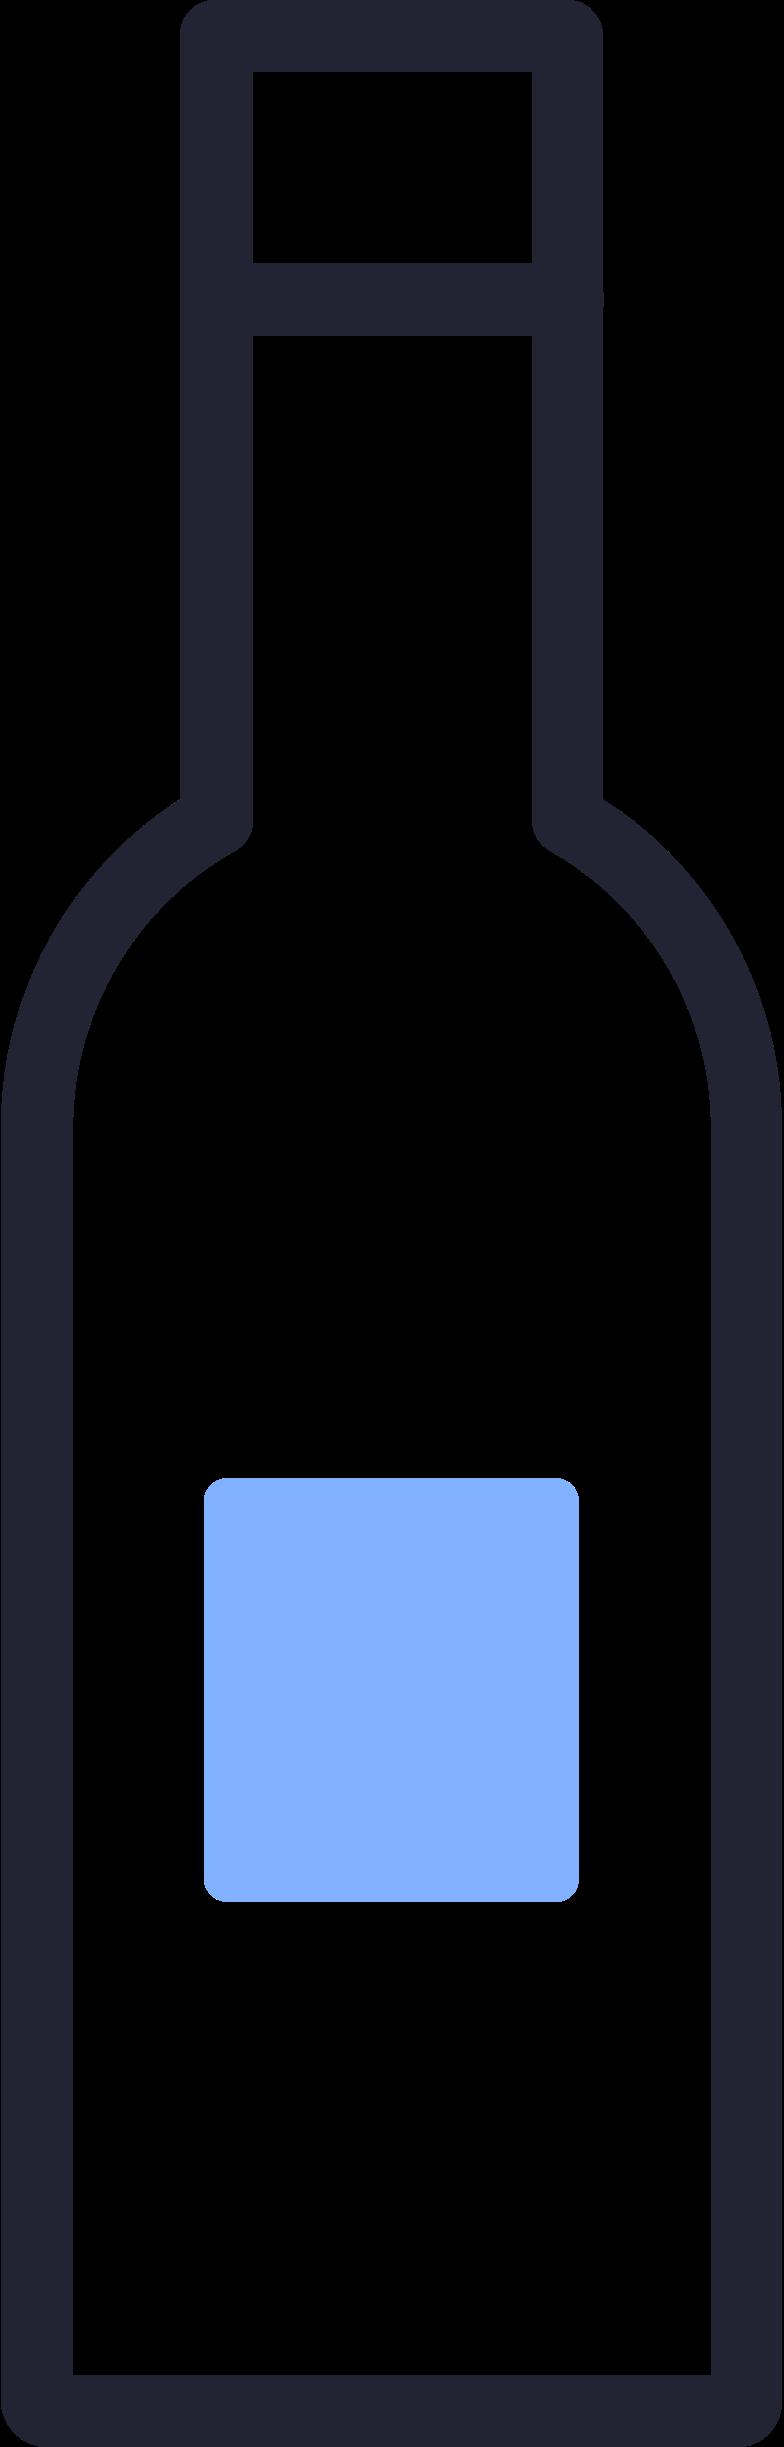 bottle wine Clipart illustration in PNG, SVG